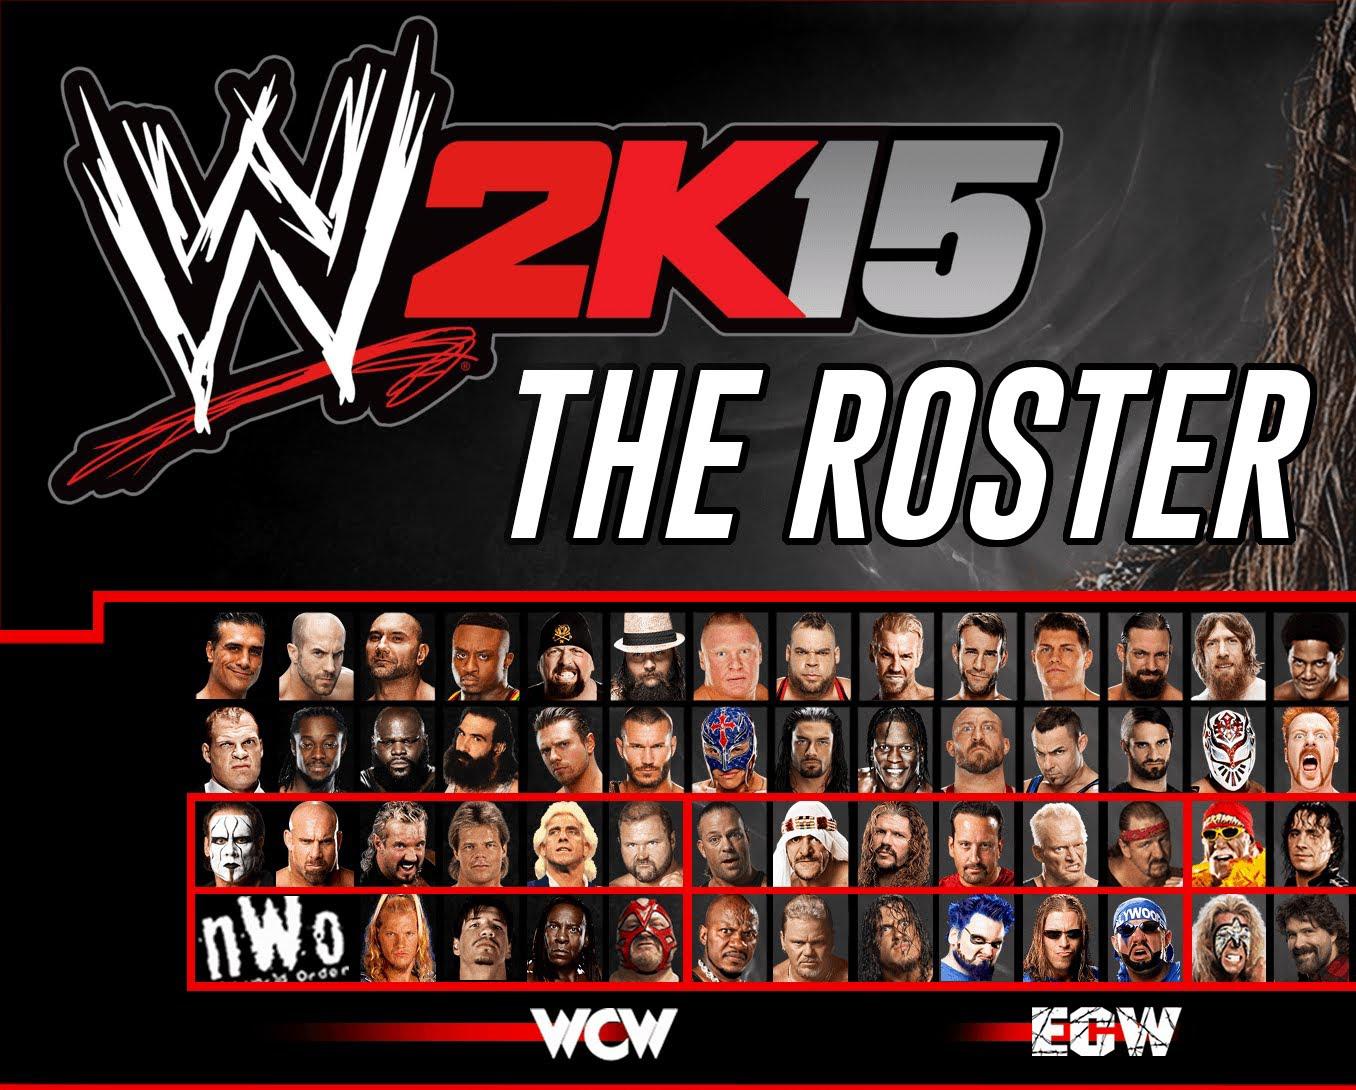 Cool Wwe Names List 2k15